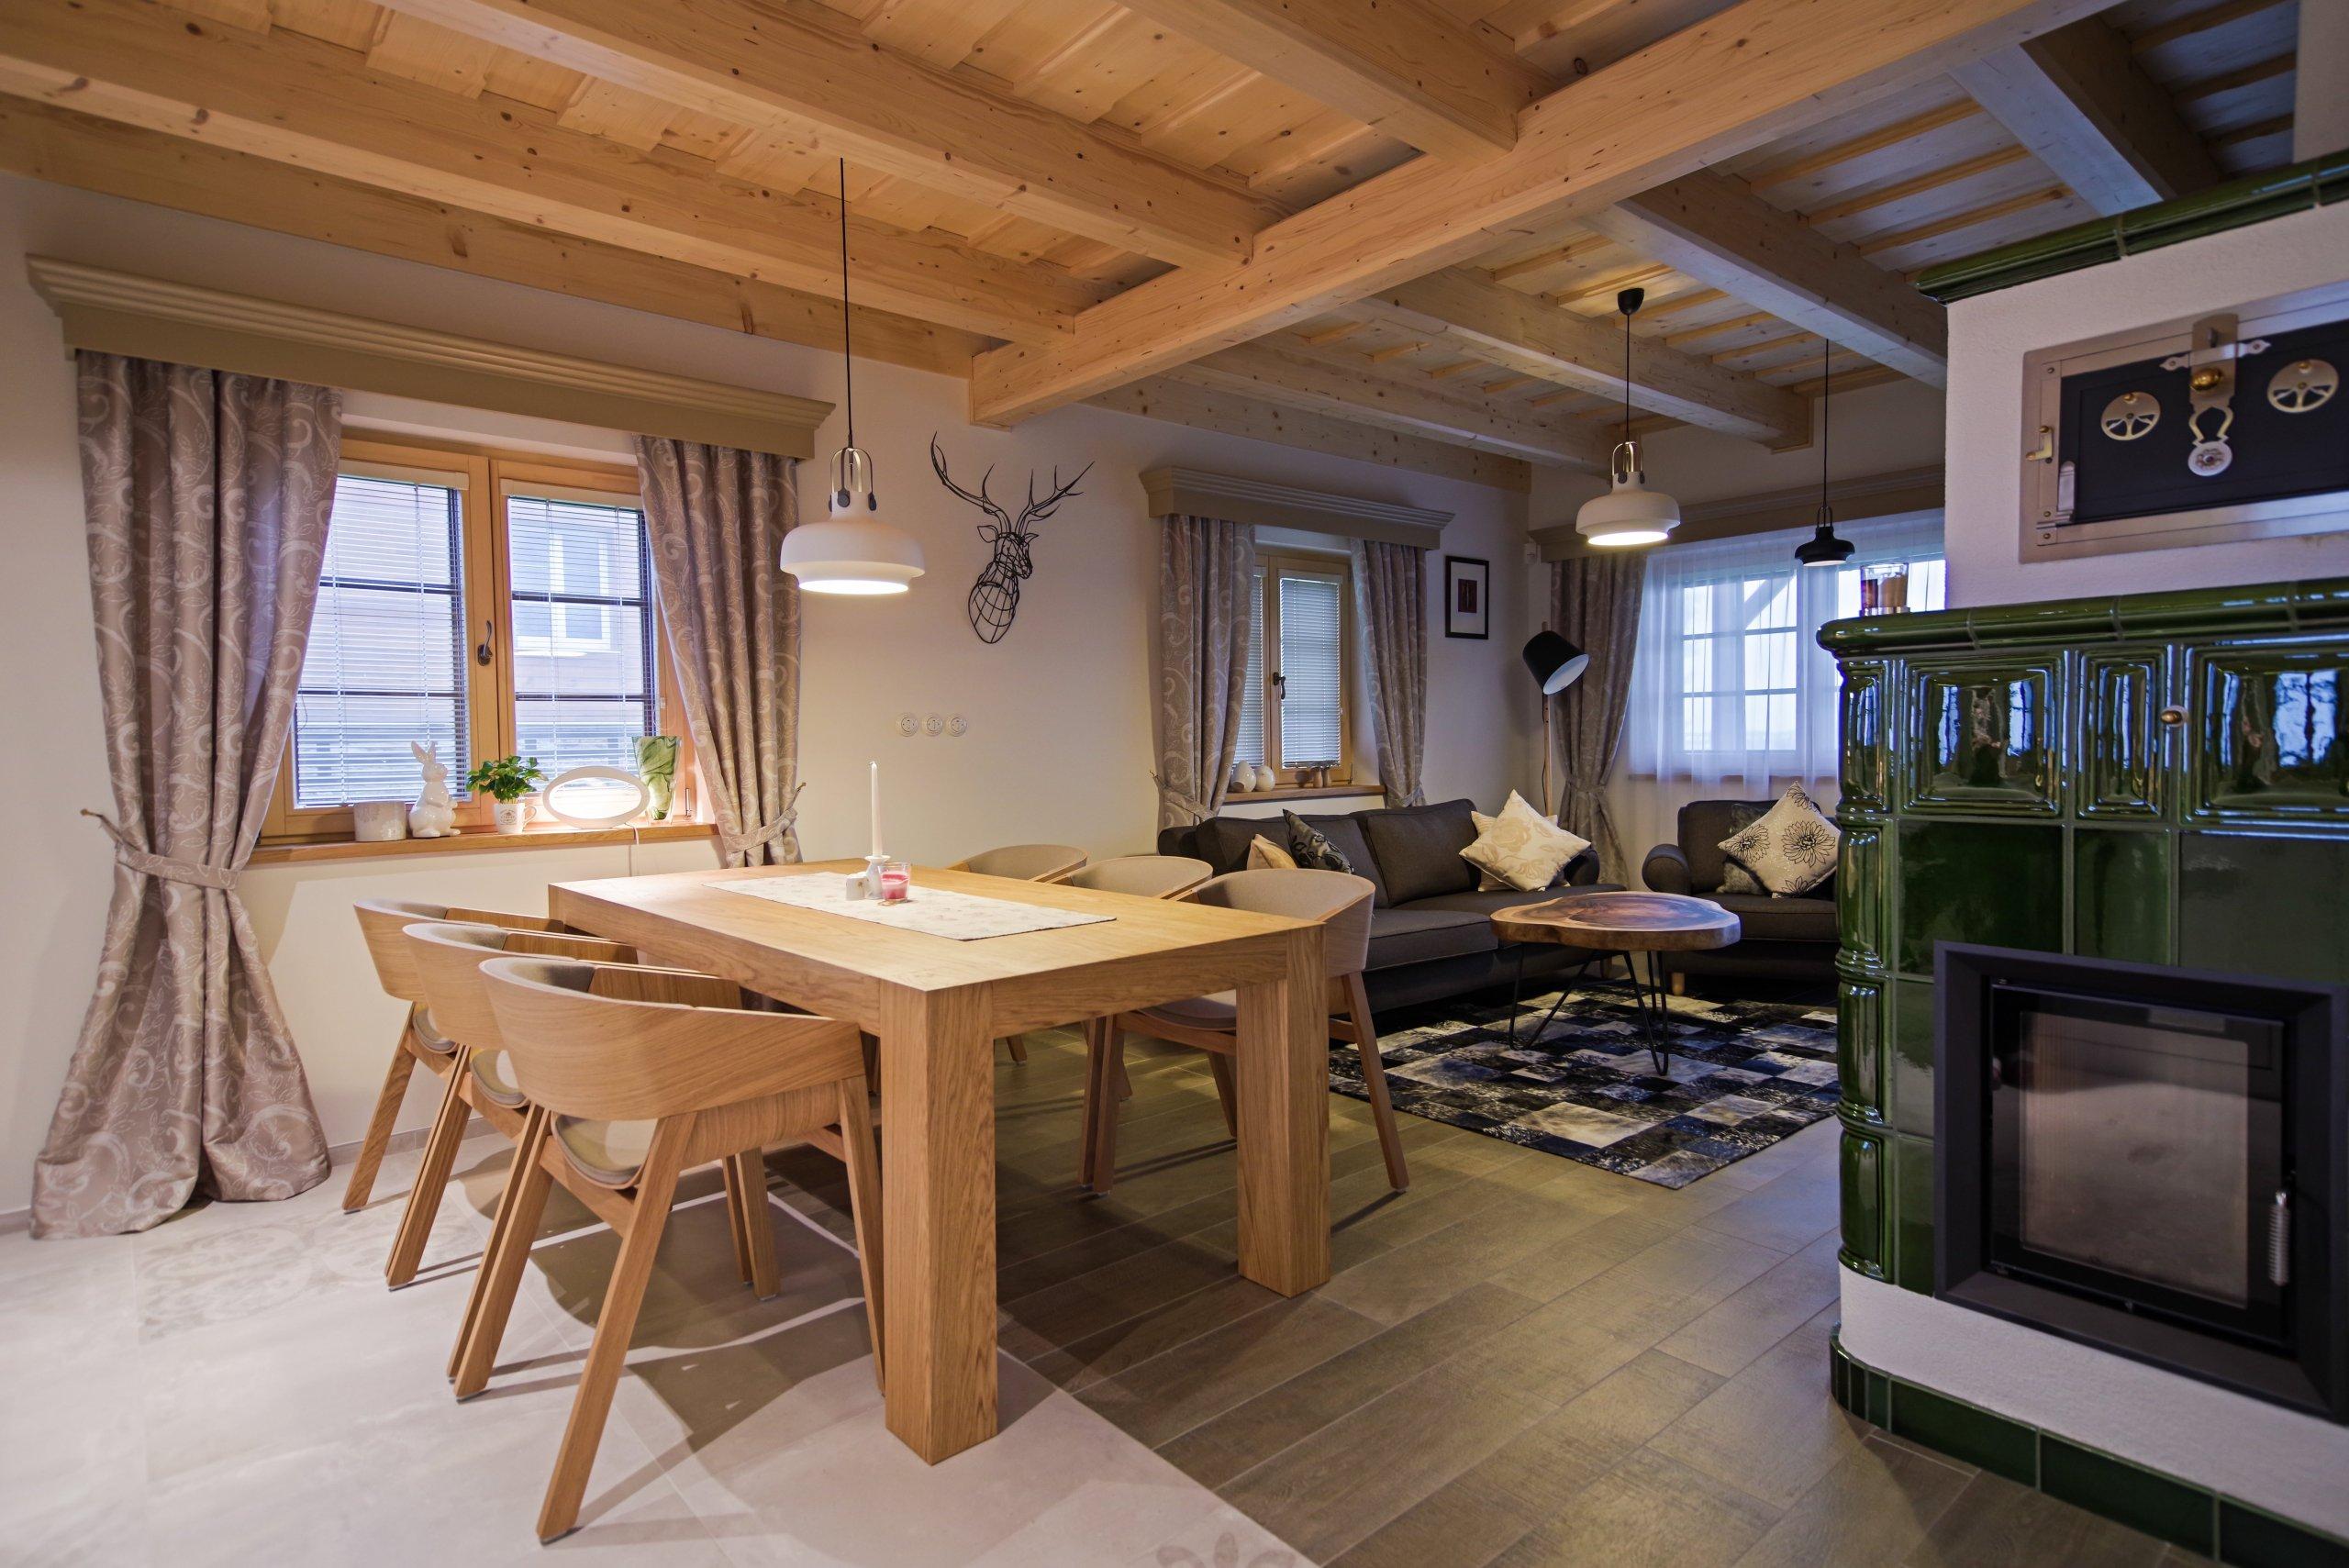 Realizace stylového interiéru chaty v Jeseníkách od kompletního návrhu vizualizace, až po výrobu a řemeslné zpracování interiéru na klíč. Součástí zakázky byly…